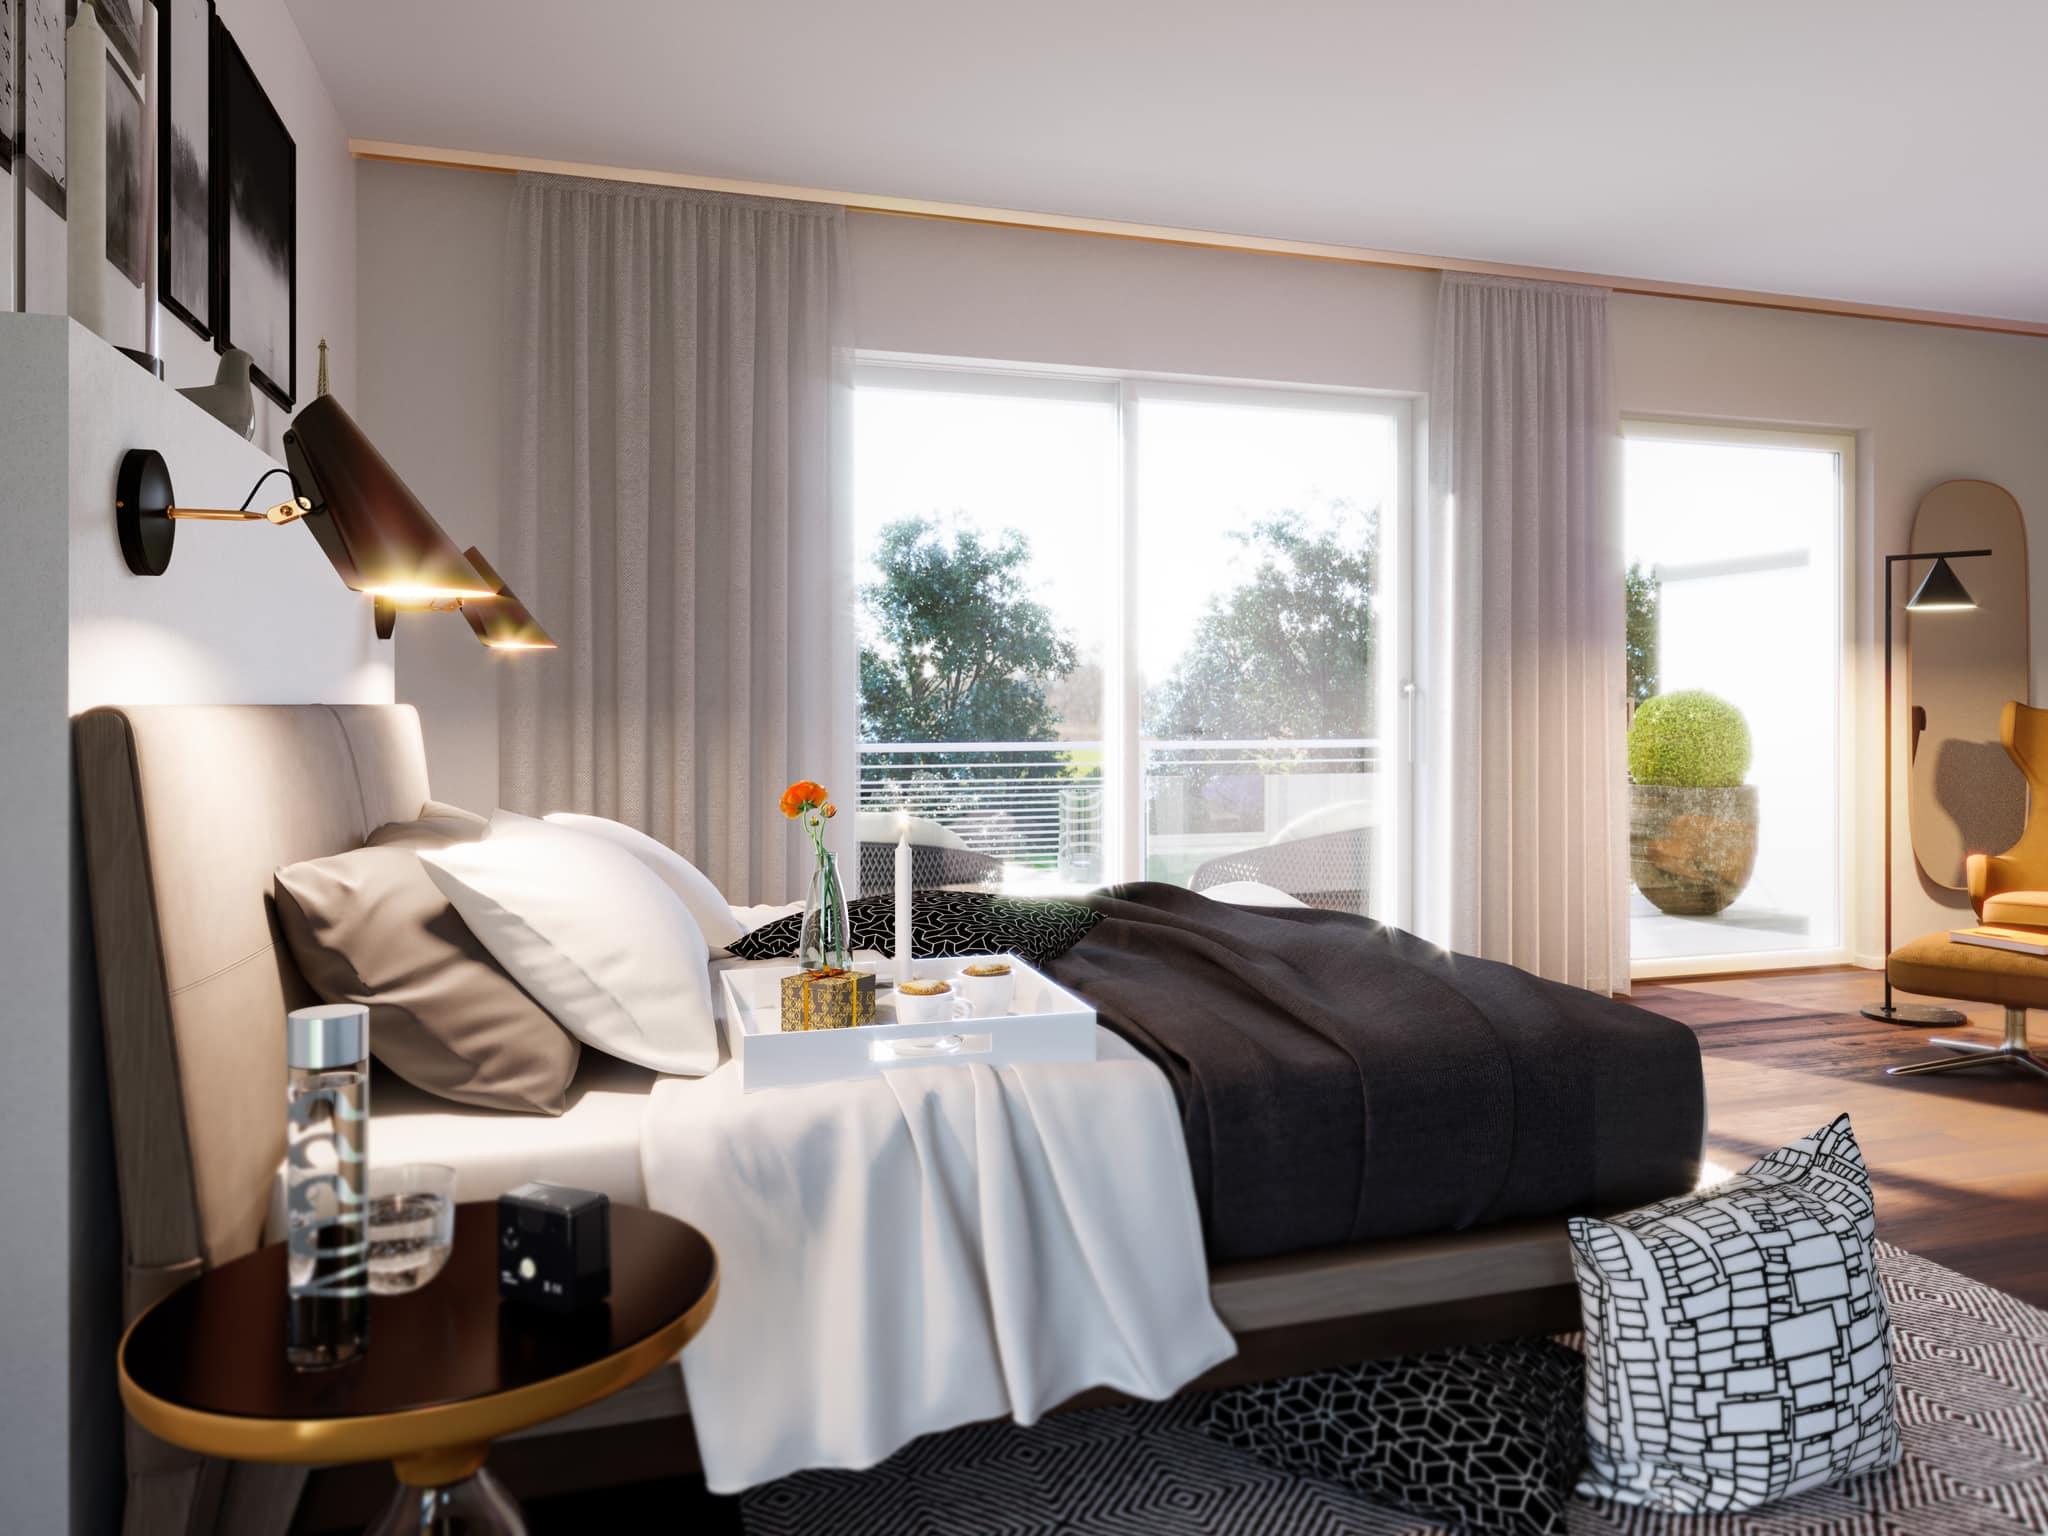 Schlafzimmer Ideen - Inneneinrichtung Doppelhaus Fertighaus Bien Zenker CELEBRATION 122 V6 L - HausbauDirekt.de